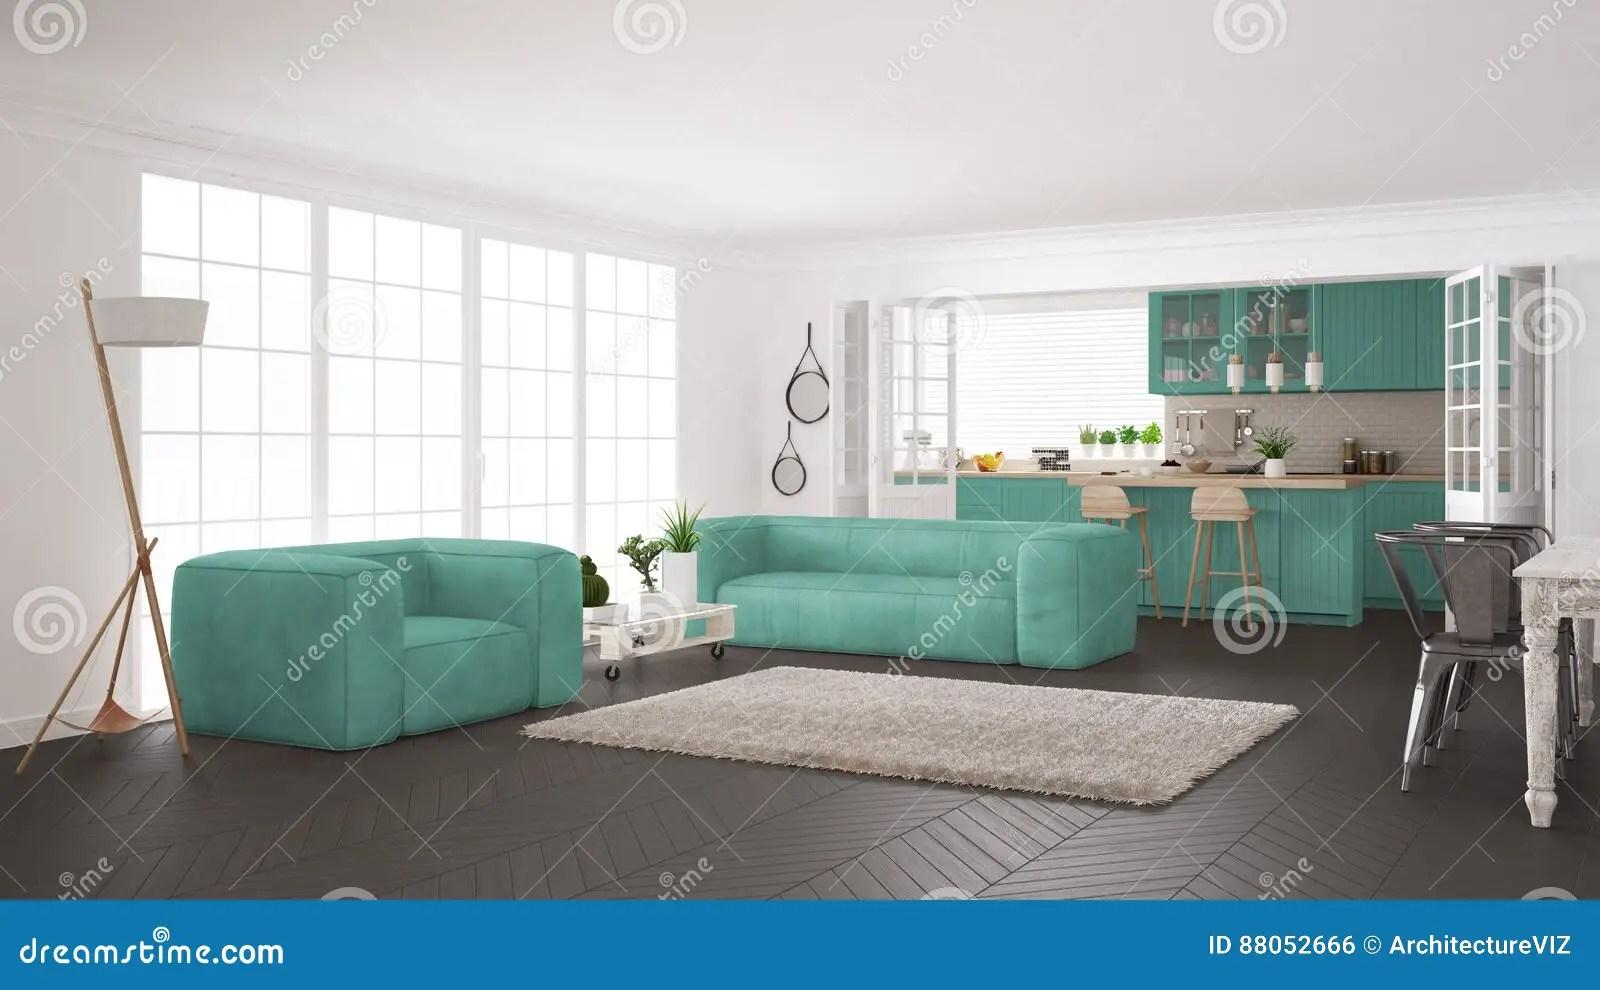 turquoise kitchen decor lights lowes 最低纲领派白色和绿松石生活和厨房 斯堪的纳维亚语库存例证 插画包括有 斯堪的纳维亚经典室内设计